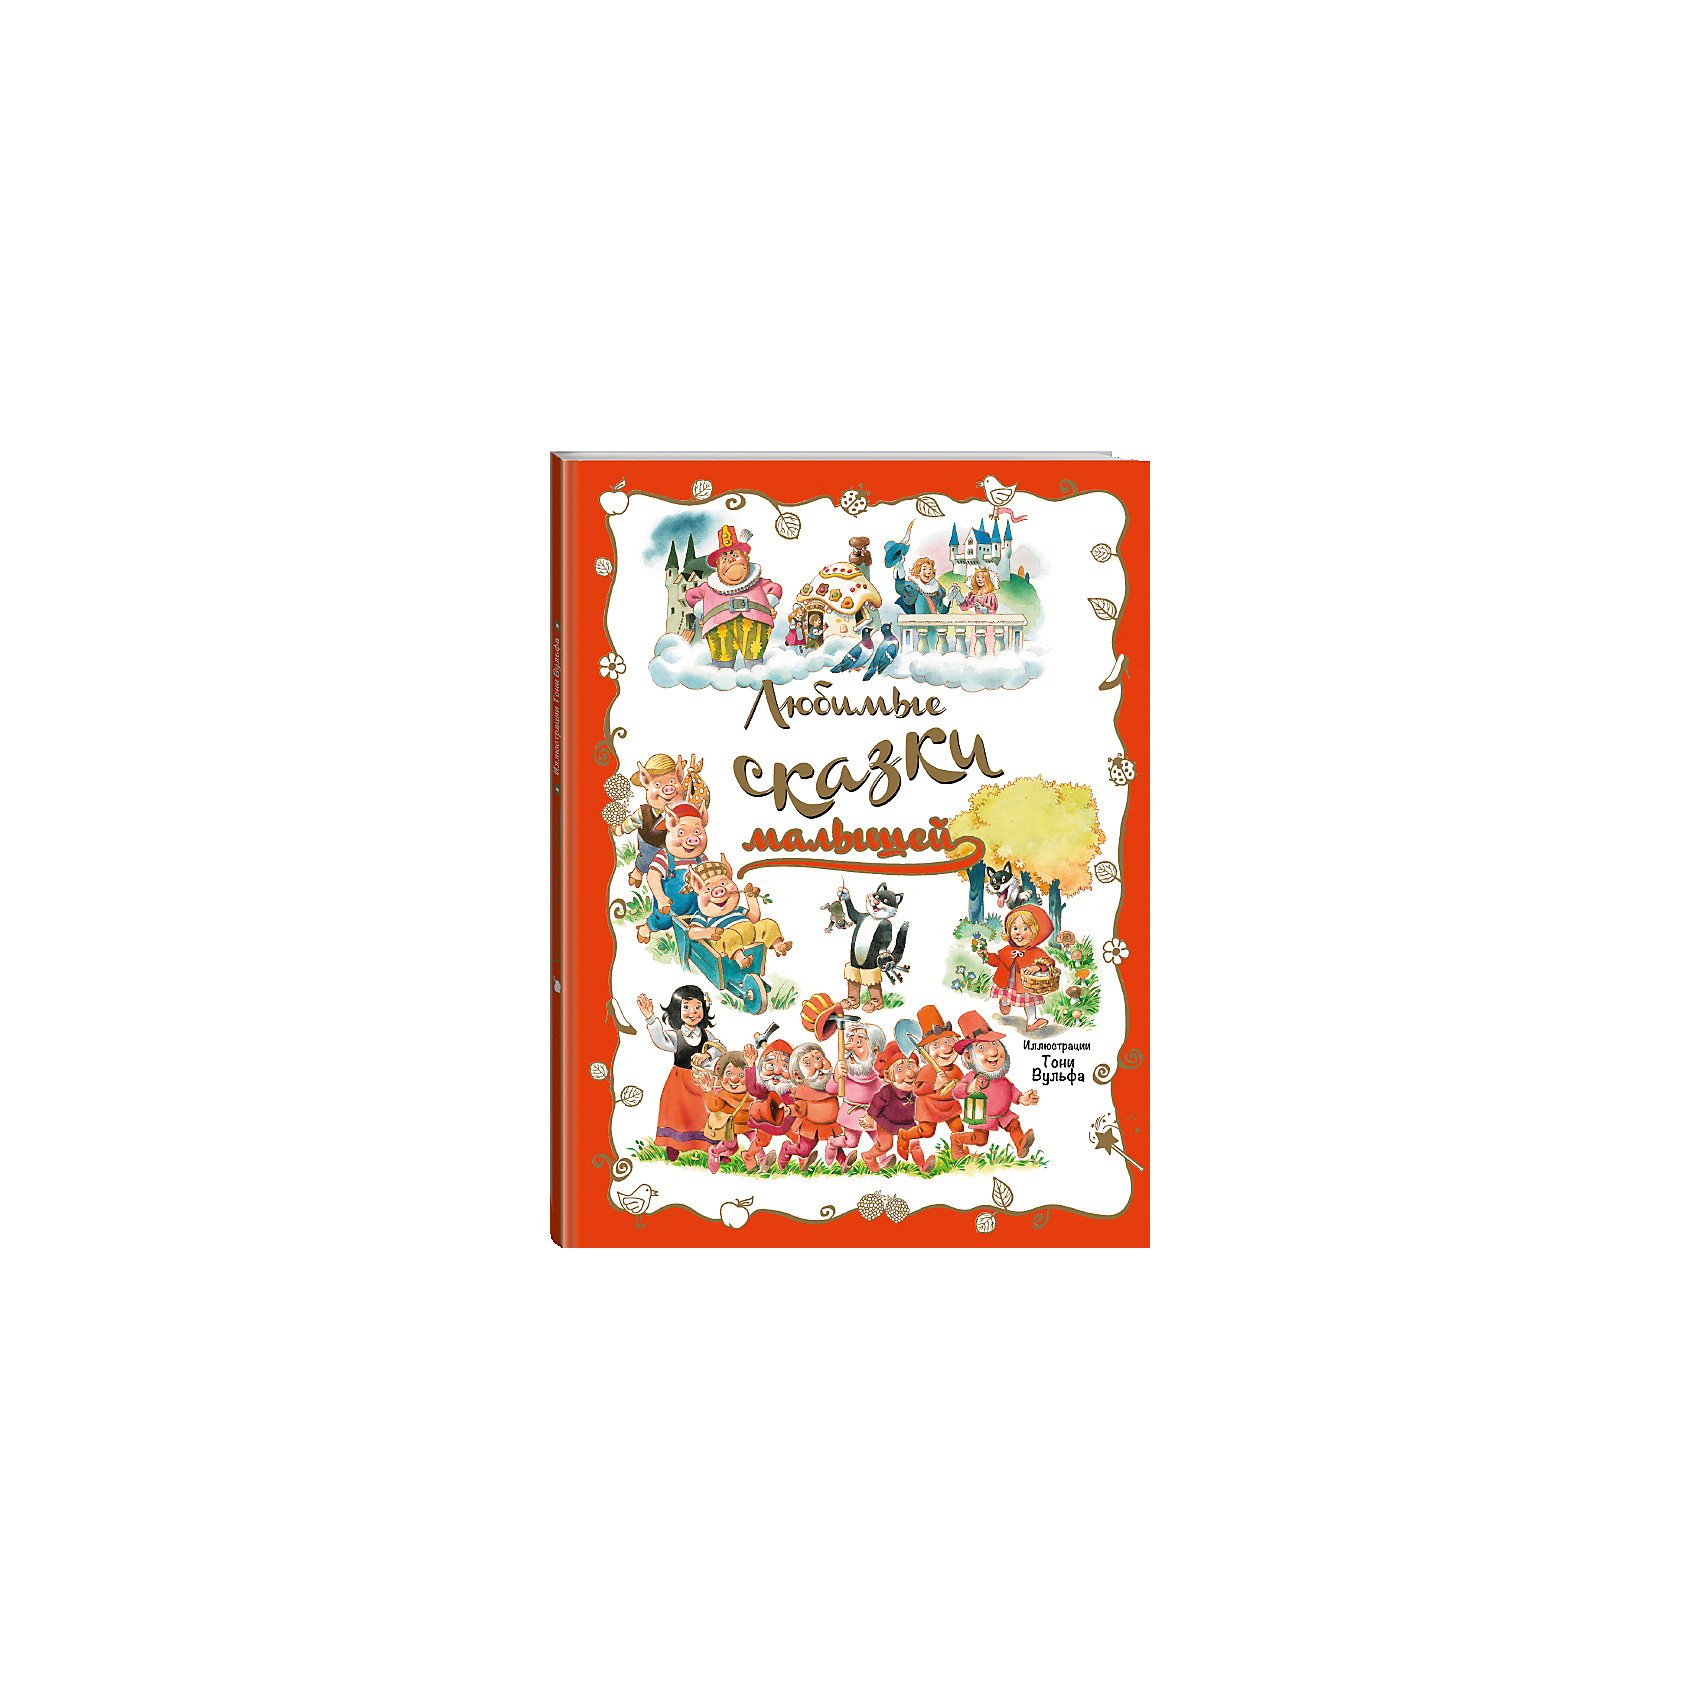 Книга Любимые сказки малышейЭксмо<br>Книга Любимые сказки малышей – эта красочно иллюстрированная книга станет любимой книгой вашего малыша.<br>Эта книга нарисована знаменитым детским итальянским художником Тони Вульфом, который делает наш мир лучше, ярче, добрее. Путешествуя по страницам книги, малыши познакомятся с героями любимых сказок - маленькой Красной Шапочкой, трудолюбивой Золушкой, милой Белоснежкой, находчивым Котом в сапогах, тремя веселыми поросятами, смышленым Гансом и ловкой Гретель.<br><br>Дополнительная информация:<br><br>- Содержание: Красная Шапочка; Белоснежка и семь гномов; Три поросенка; Золушка; Кот в сапогах; Ганс и Гретель<br>- Художник: Вульф Тони<br>- Редактор: Талалаева Е. В.<br>- Издательство: Эксмо, 2015 г.<br>- Серия: Книги с иллюстрациями Т.Вульфа и М.Вульфа<br>- Тип обложки: 7Бц - твердая, целлофанированная (или лакированная)<br>- Оформление: тиснение золотом<br>- Иллюстрации: цветные<br>- Количество страниц: 56 (мелованная)<br>- Размер: 288x216x9 мм.<br>- Вес: 486 гр.<br><br>Книгу Любимые сказки малышей можно купить в нашем интернет-магазине.<br><br>Ширина мм: 288<br>Глубина мм: 216<br>Высота мм: 9<br>Вес г: 494<br>Возраст от месяцев: 0<br>Возраст до месяцев: 36<br>Пол: Унисекс<br>Возраст: Детский<br>SKU: 4355917